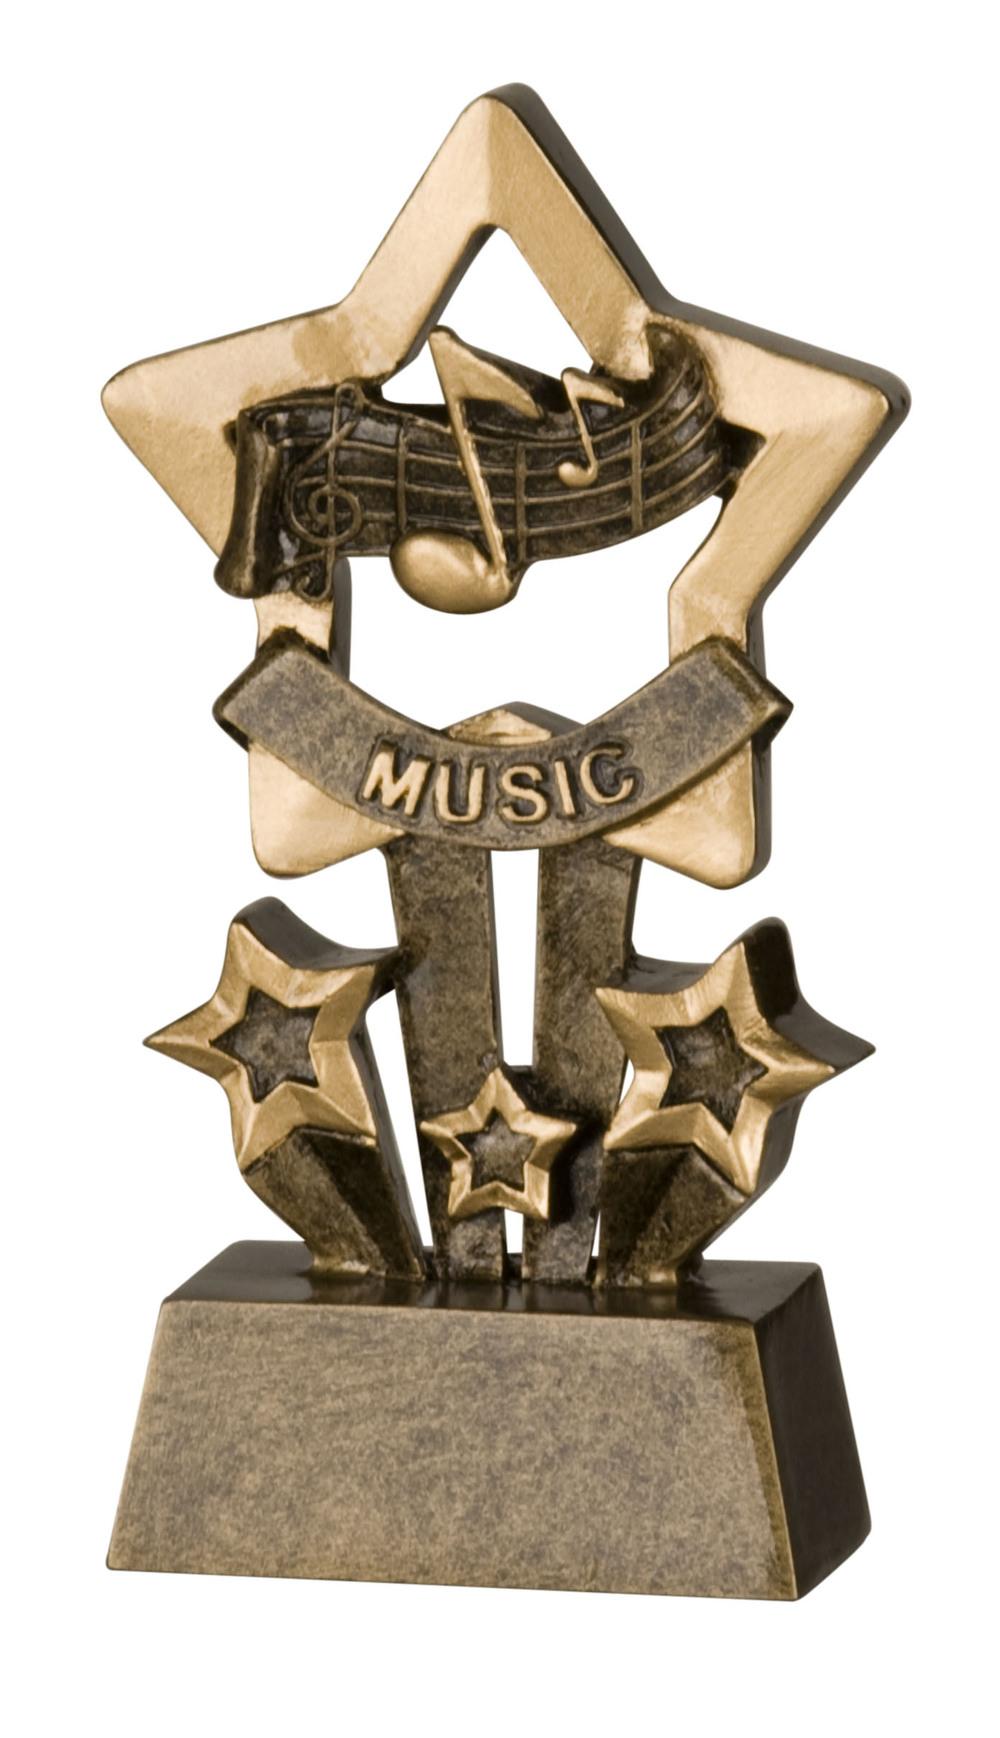 Music - STR-12